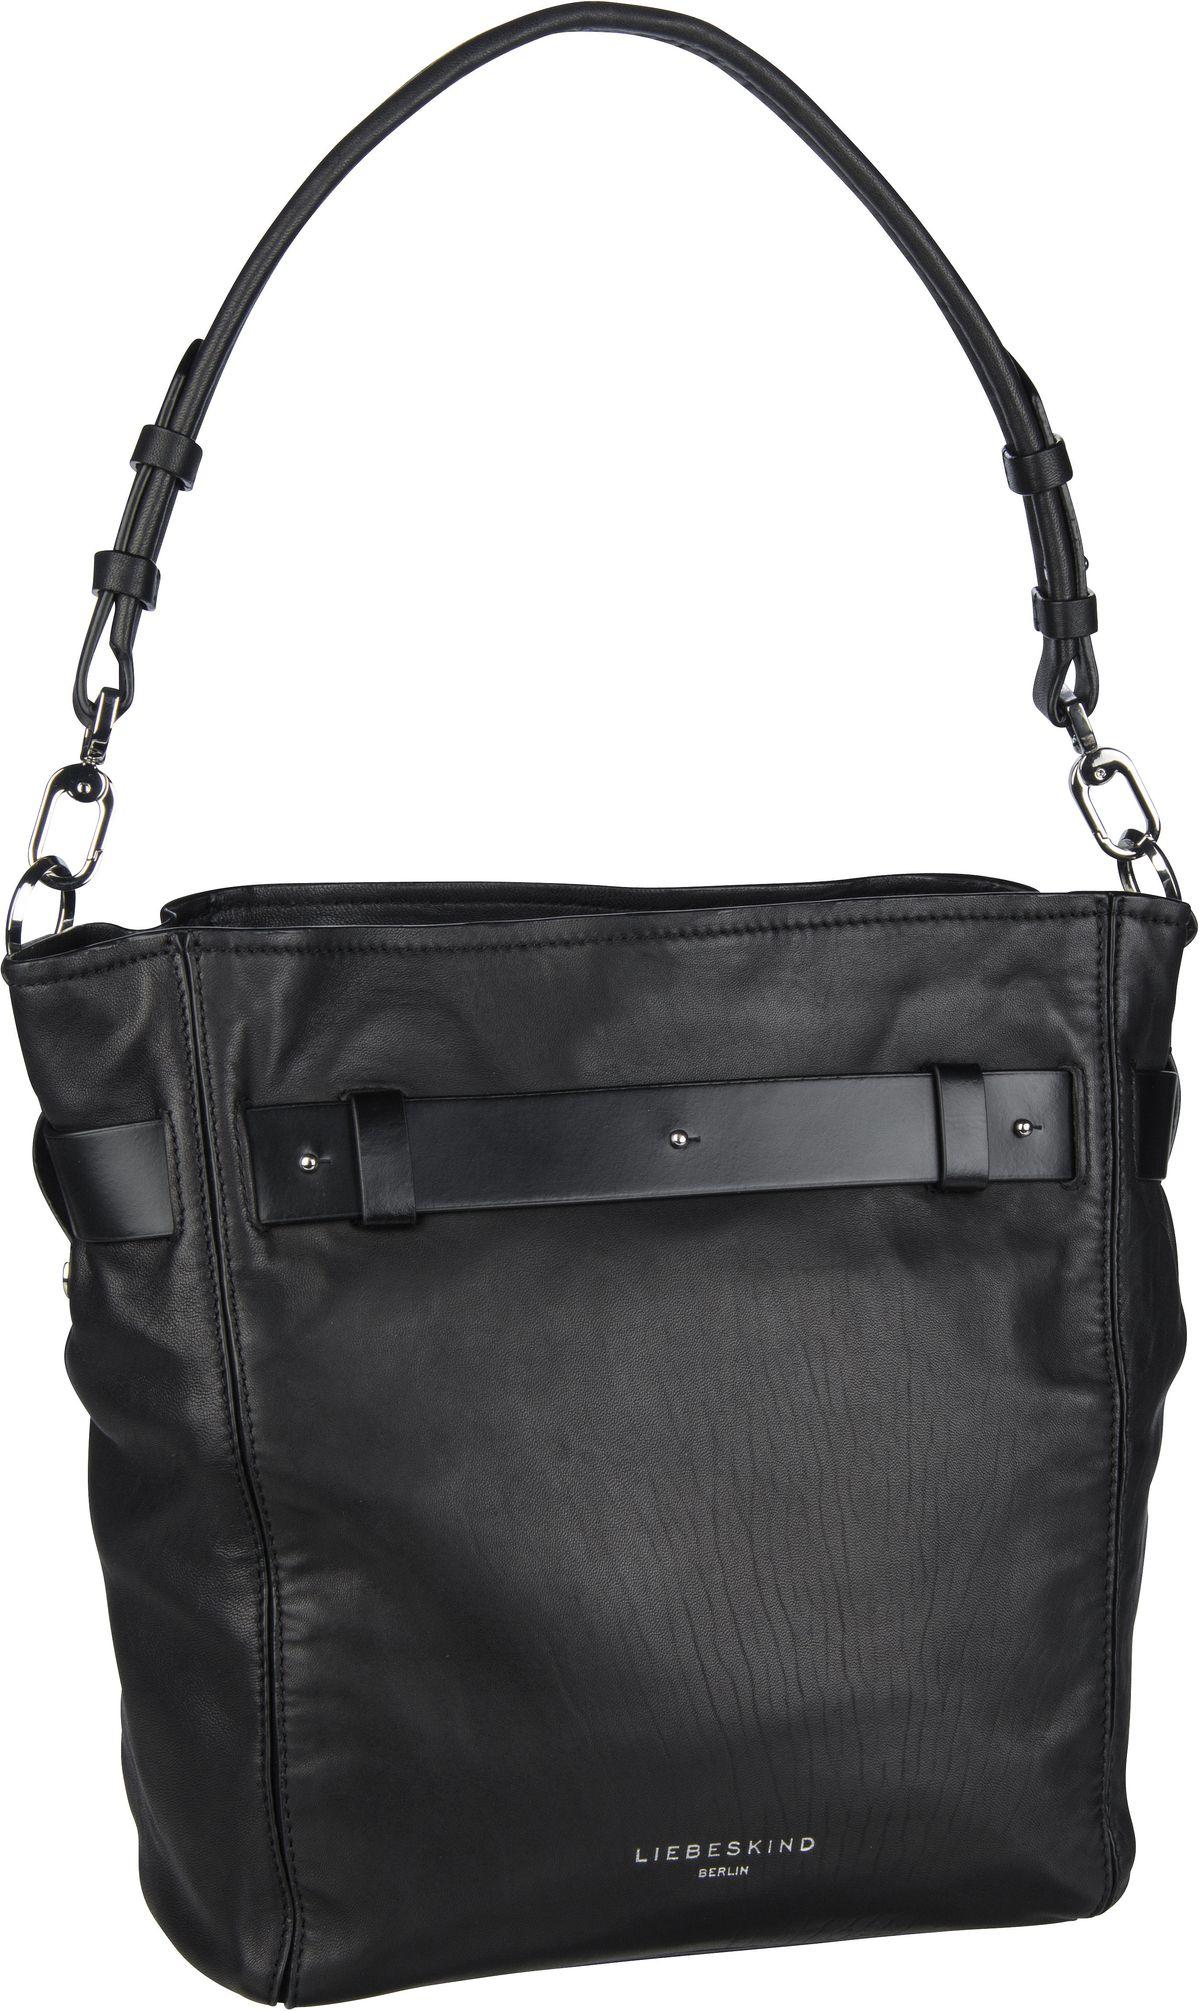 Berlin Handtasche Soft Bucket Hobo M Black